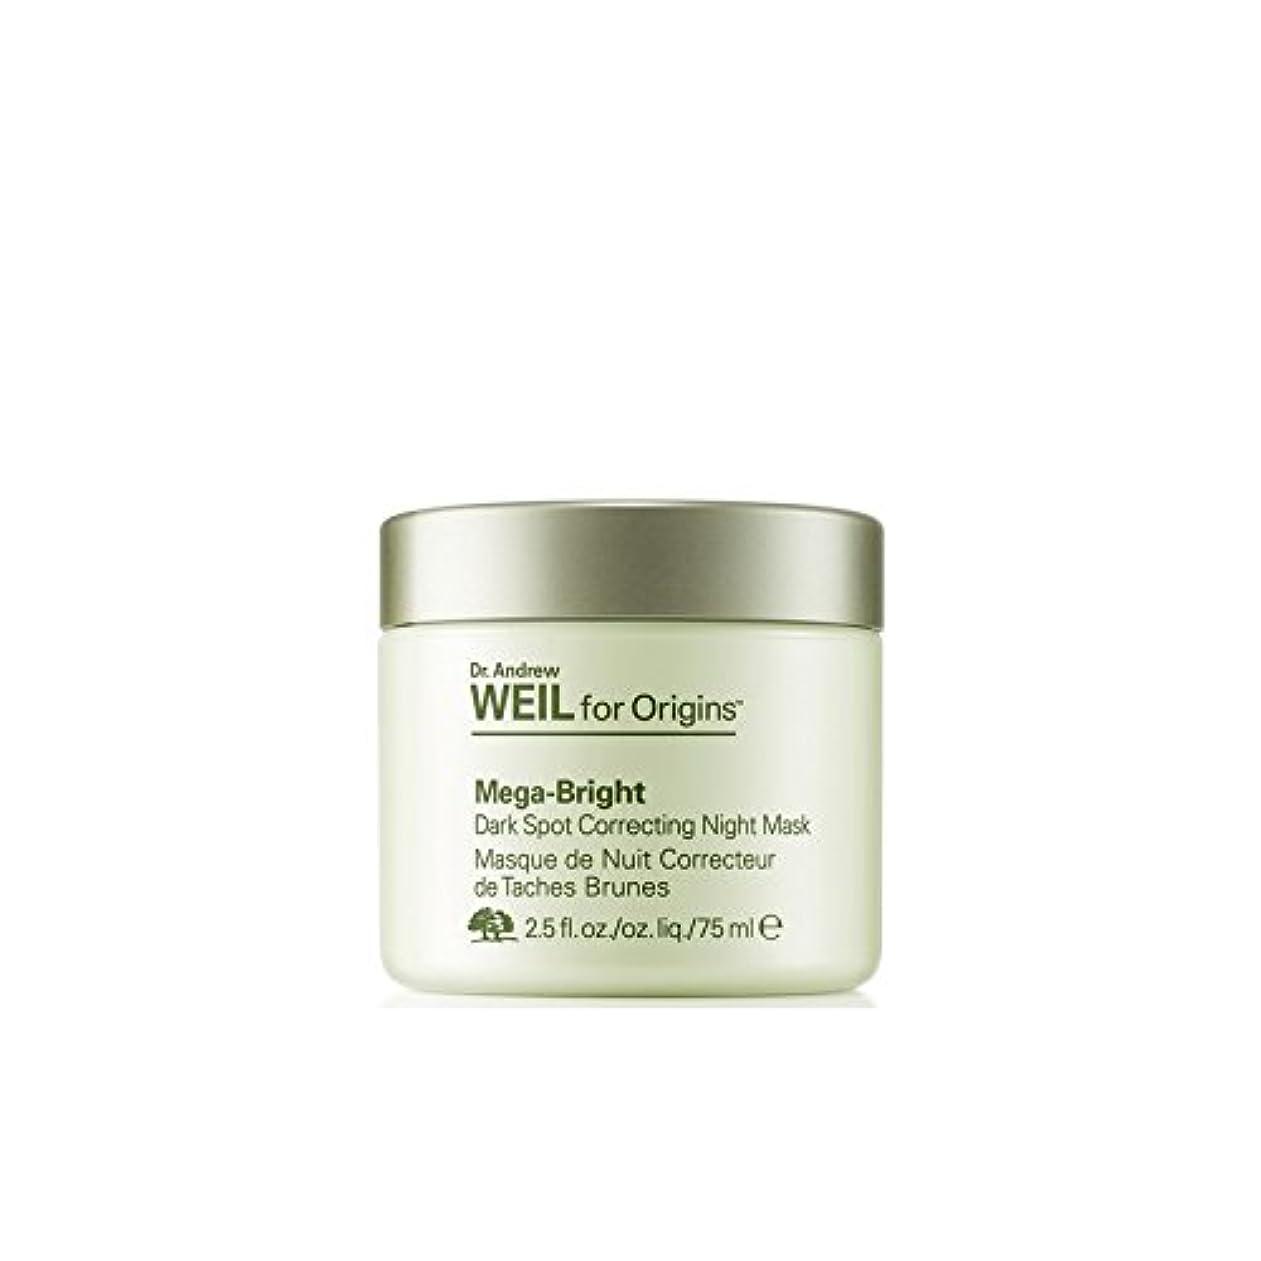 とても鉛神学校Origins Dr. Andrew Weil For Origins? Mega-Bright Skin Tone Correcting Overnight Mask 75ml - 起源アンドルー?ワイル一晩マスク75ミリリットルを修正メガ明るい肌のトーン?起源について [並行輸入品]